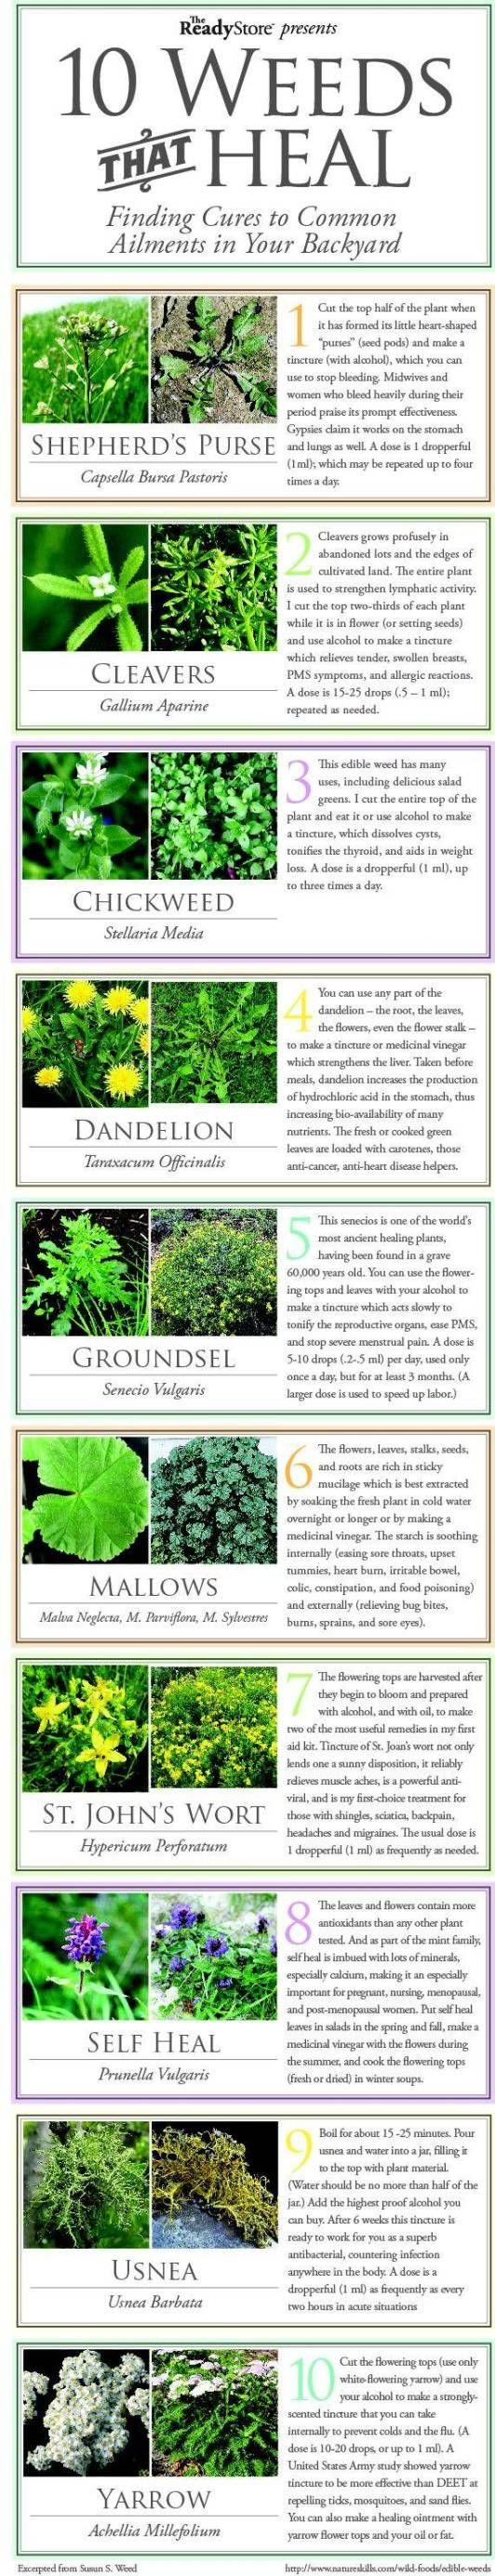 Top 10 Weeds That Heal